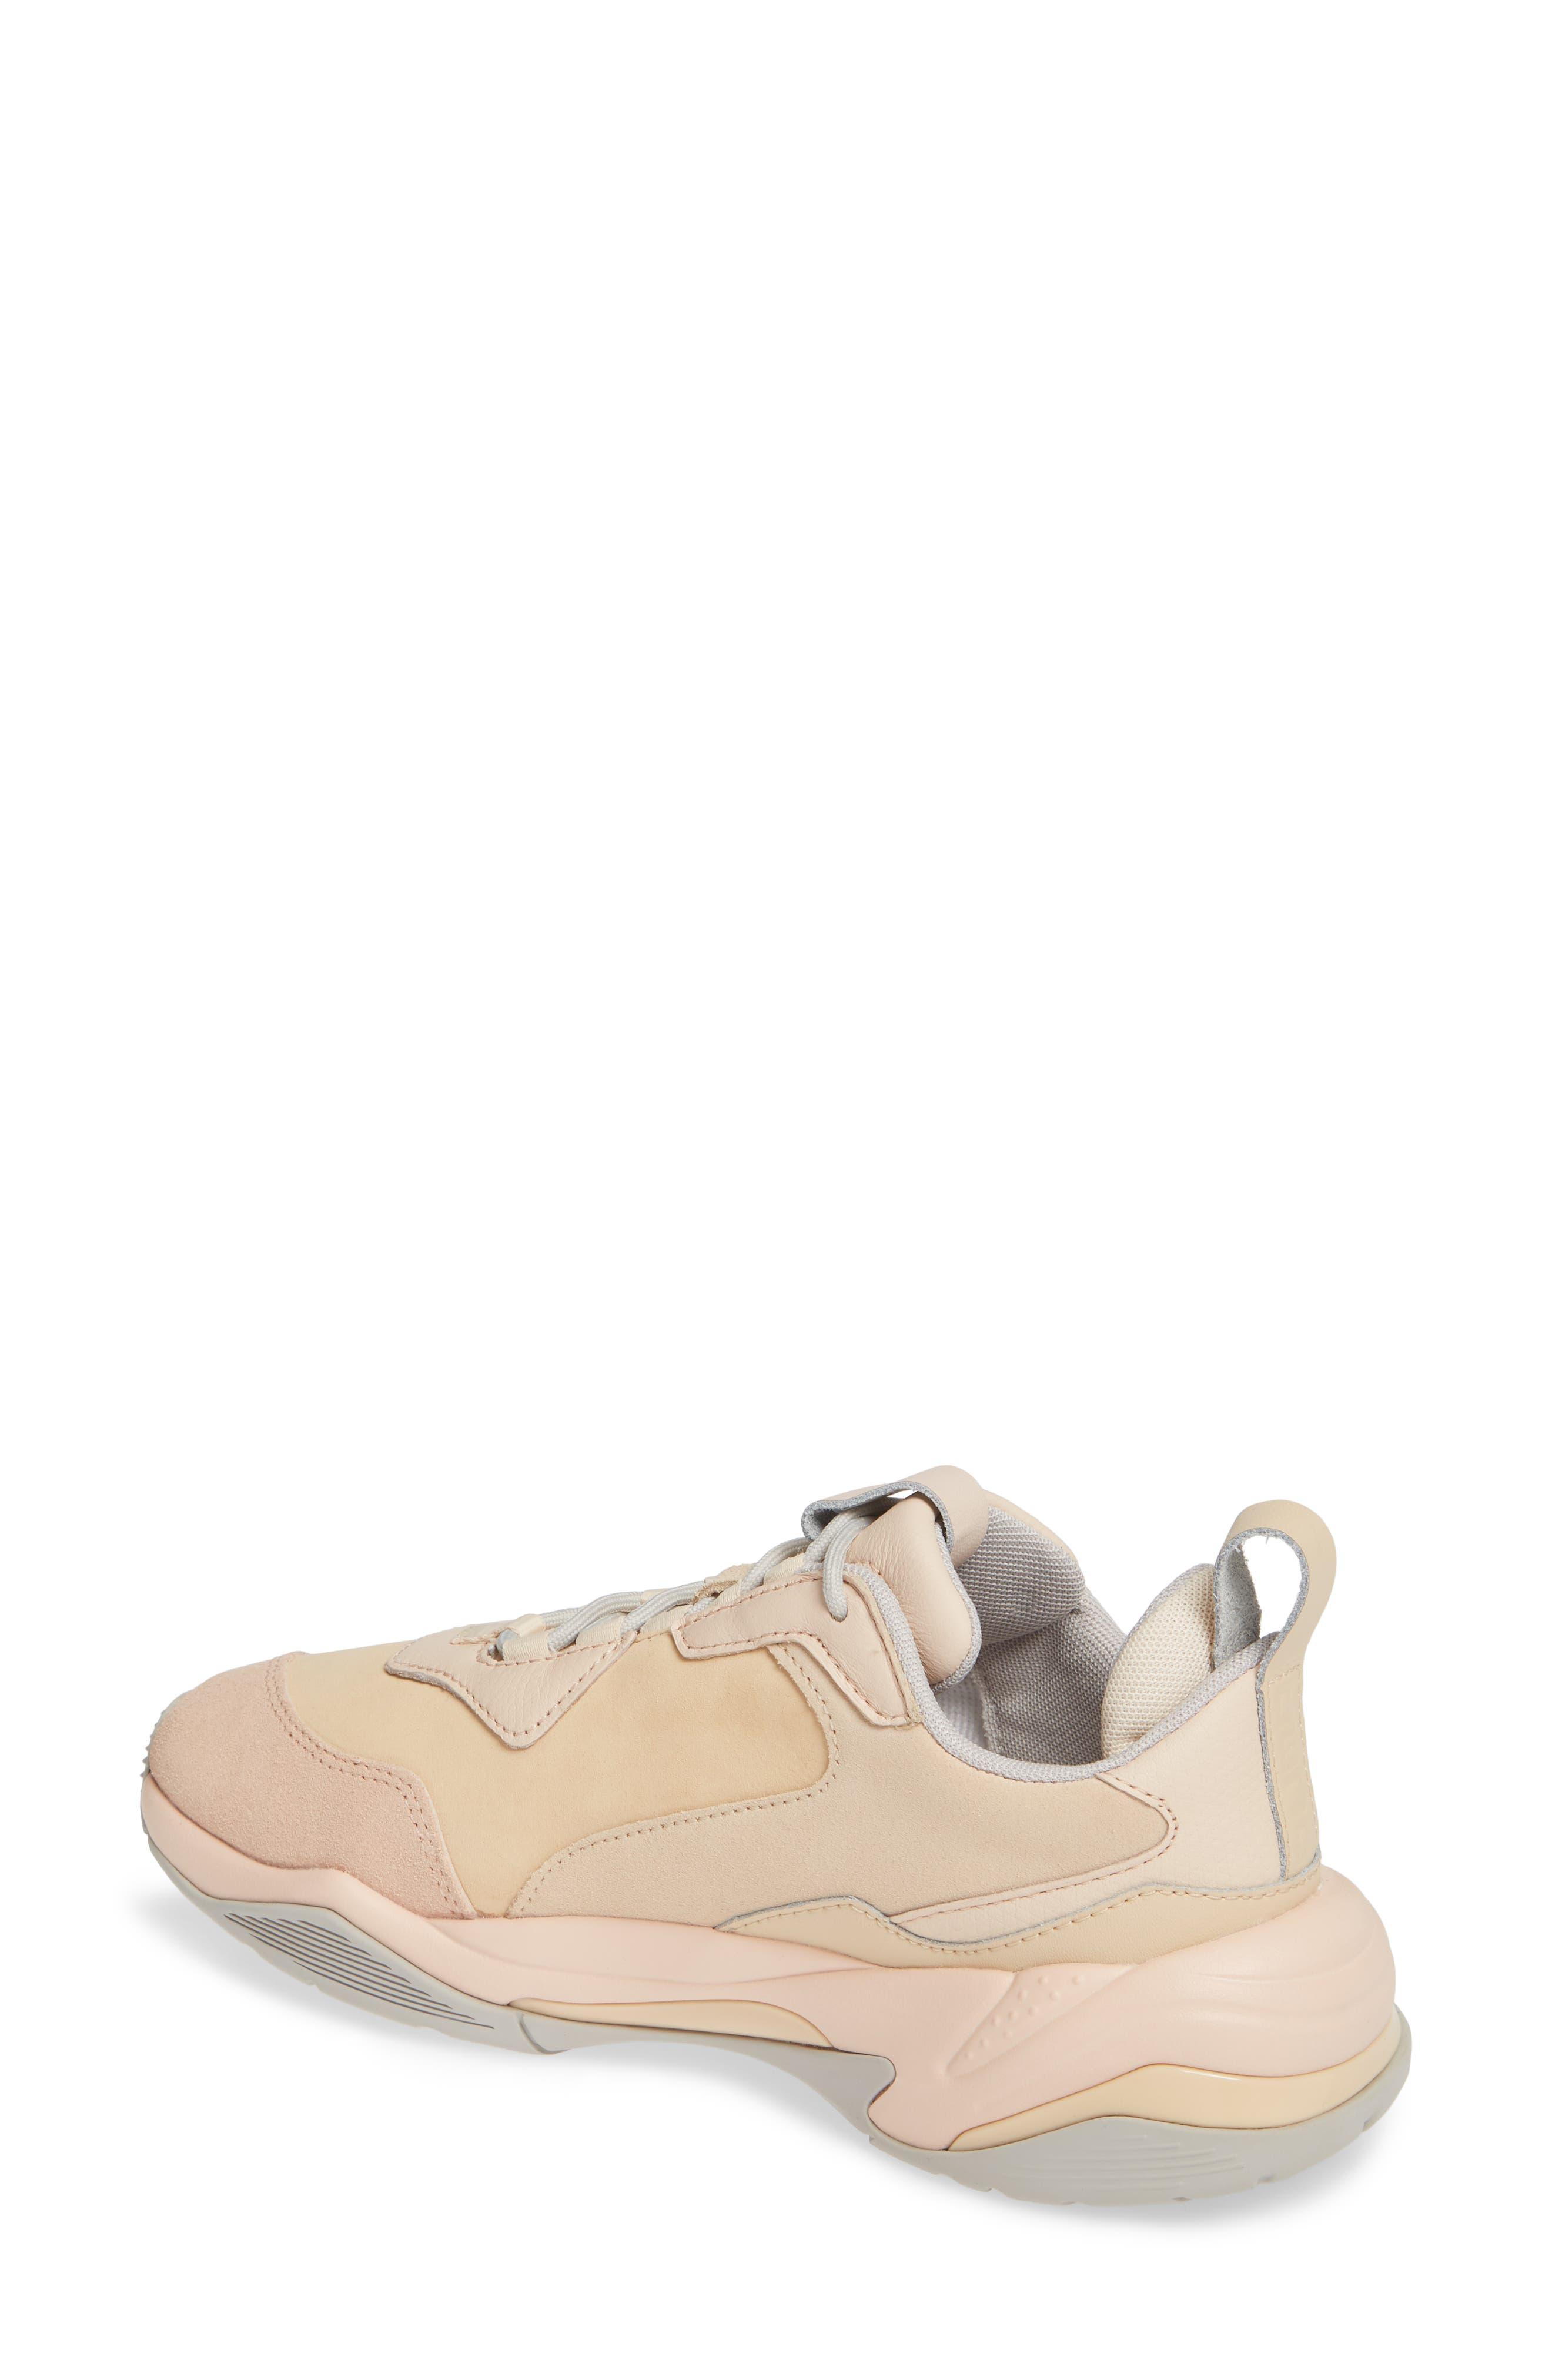 Thunder Desert Sneaker,                             Alternate thumbnail 2, color,                             NATURAL VACHETTA/ CREAM TAN